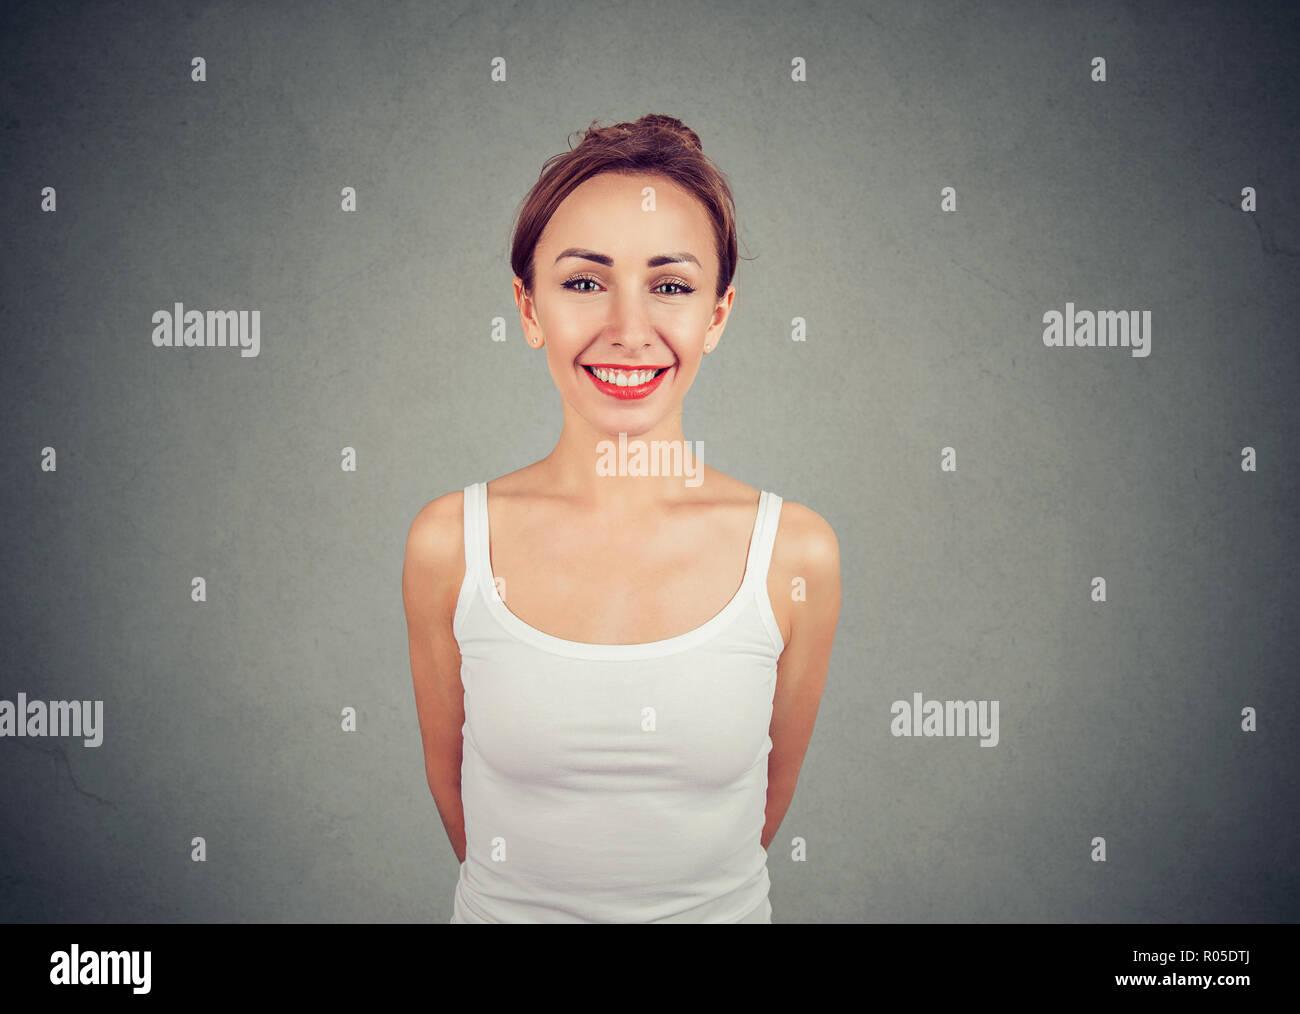 Porträt der charmante junge Frau in weißem tank top Adorably an Kamera lächelnd auf grauem Hintergrund Stockbild